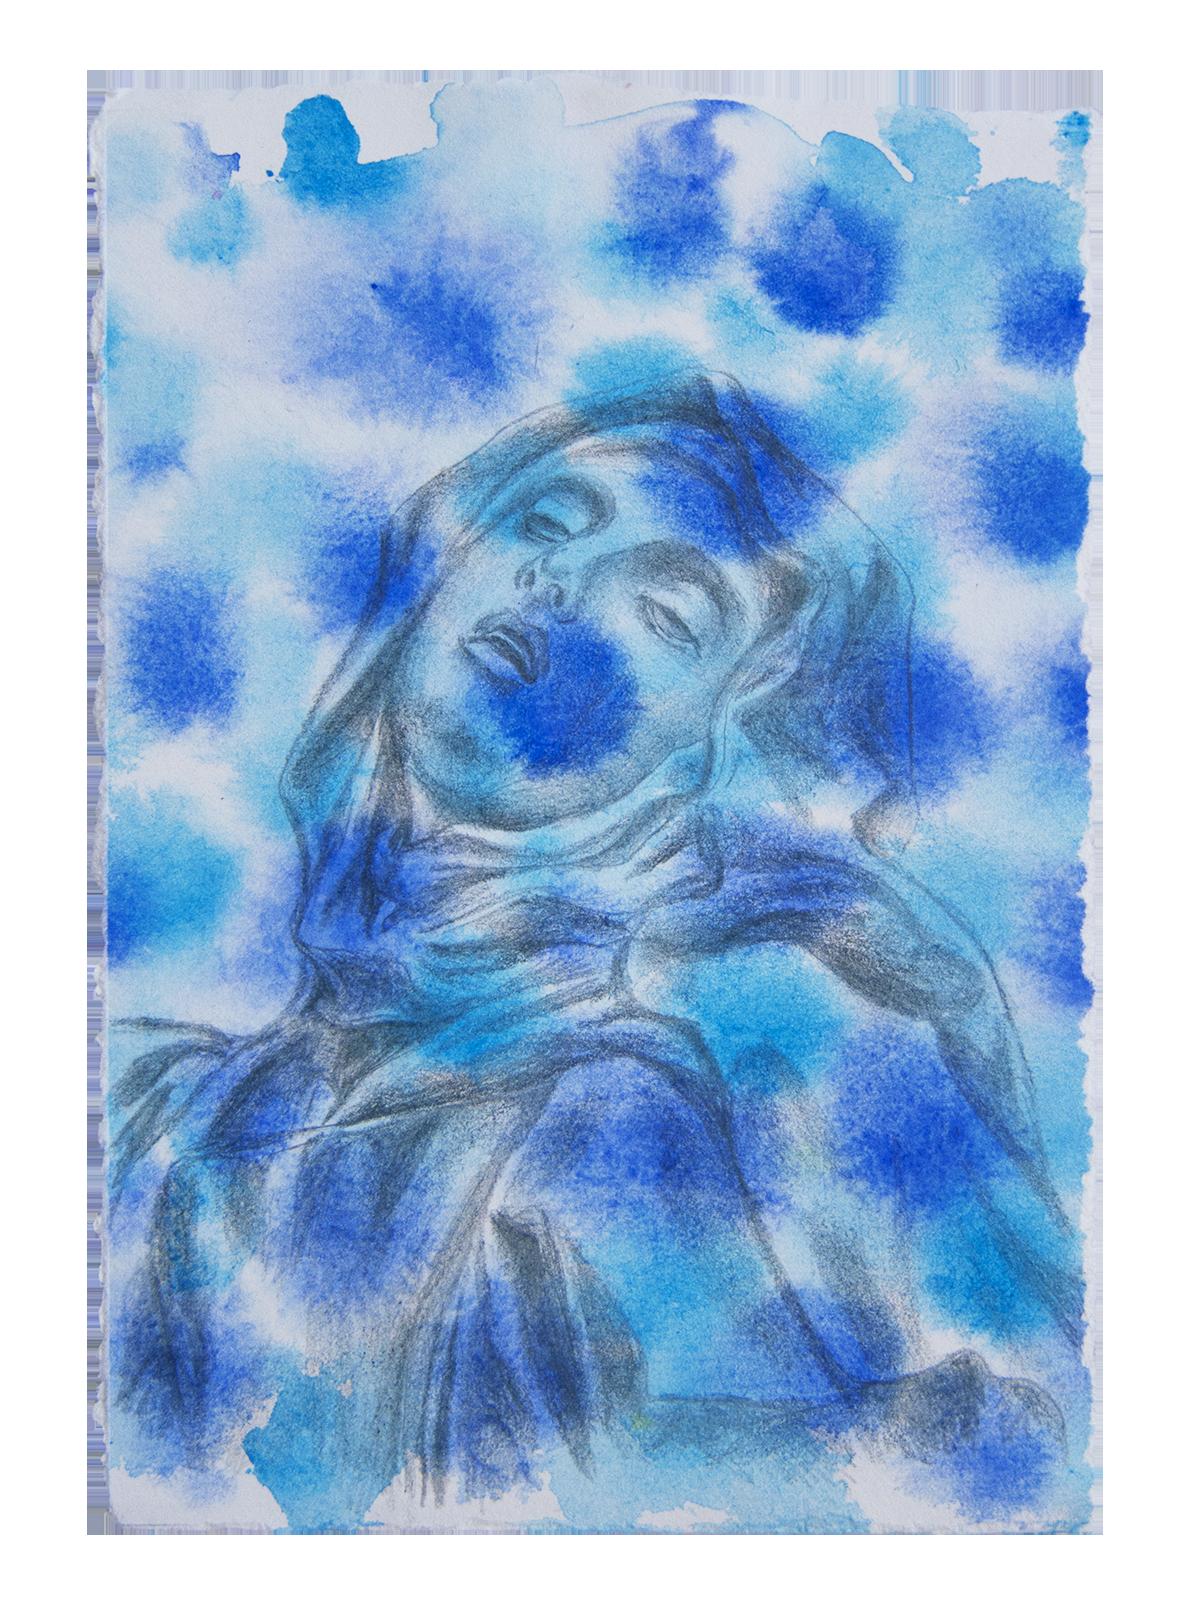 LSD of St Teresa